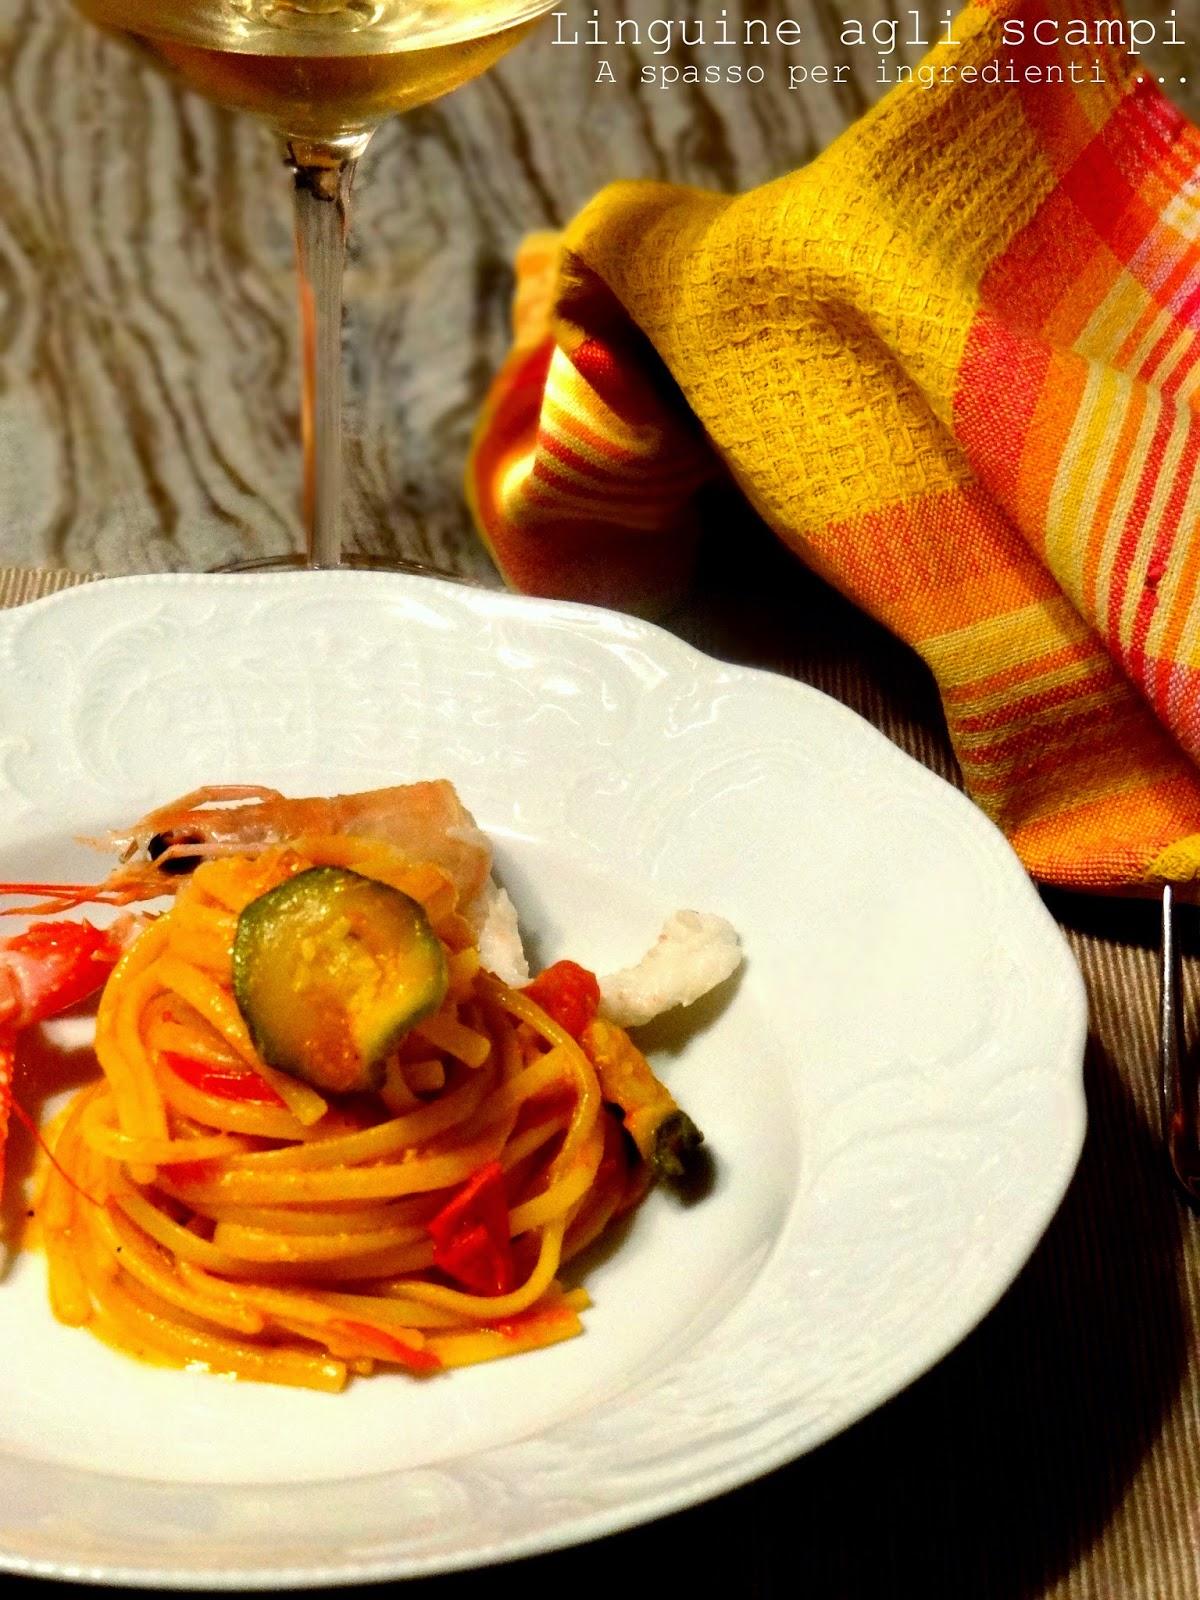 linguine agli scampi, un amore di pasta